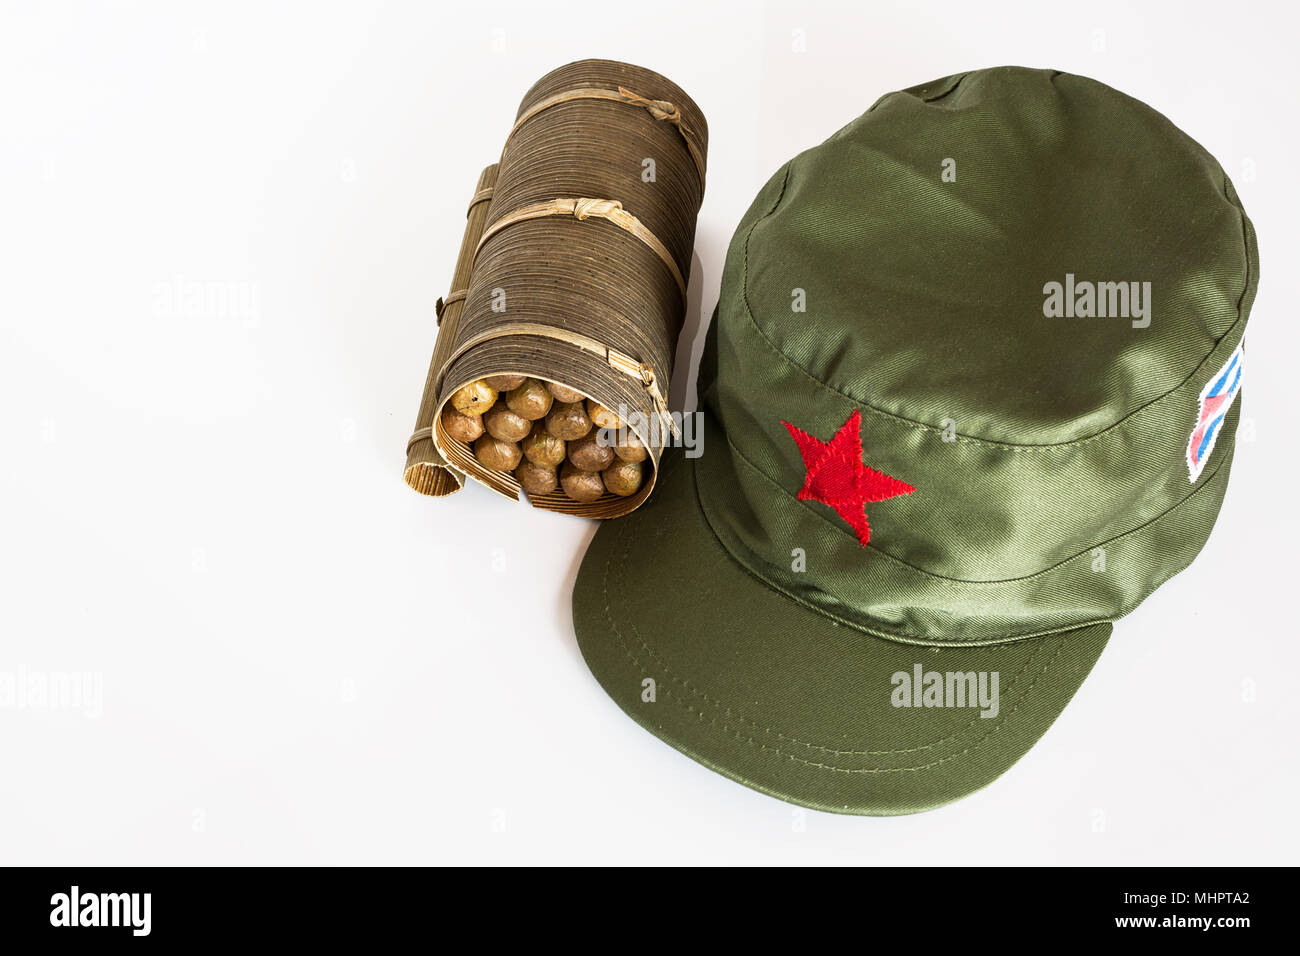 Alcuni sigari cubani laminato in foglia di banano e cappello militare con  la stella rossa 15378f6bdaf4